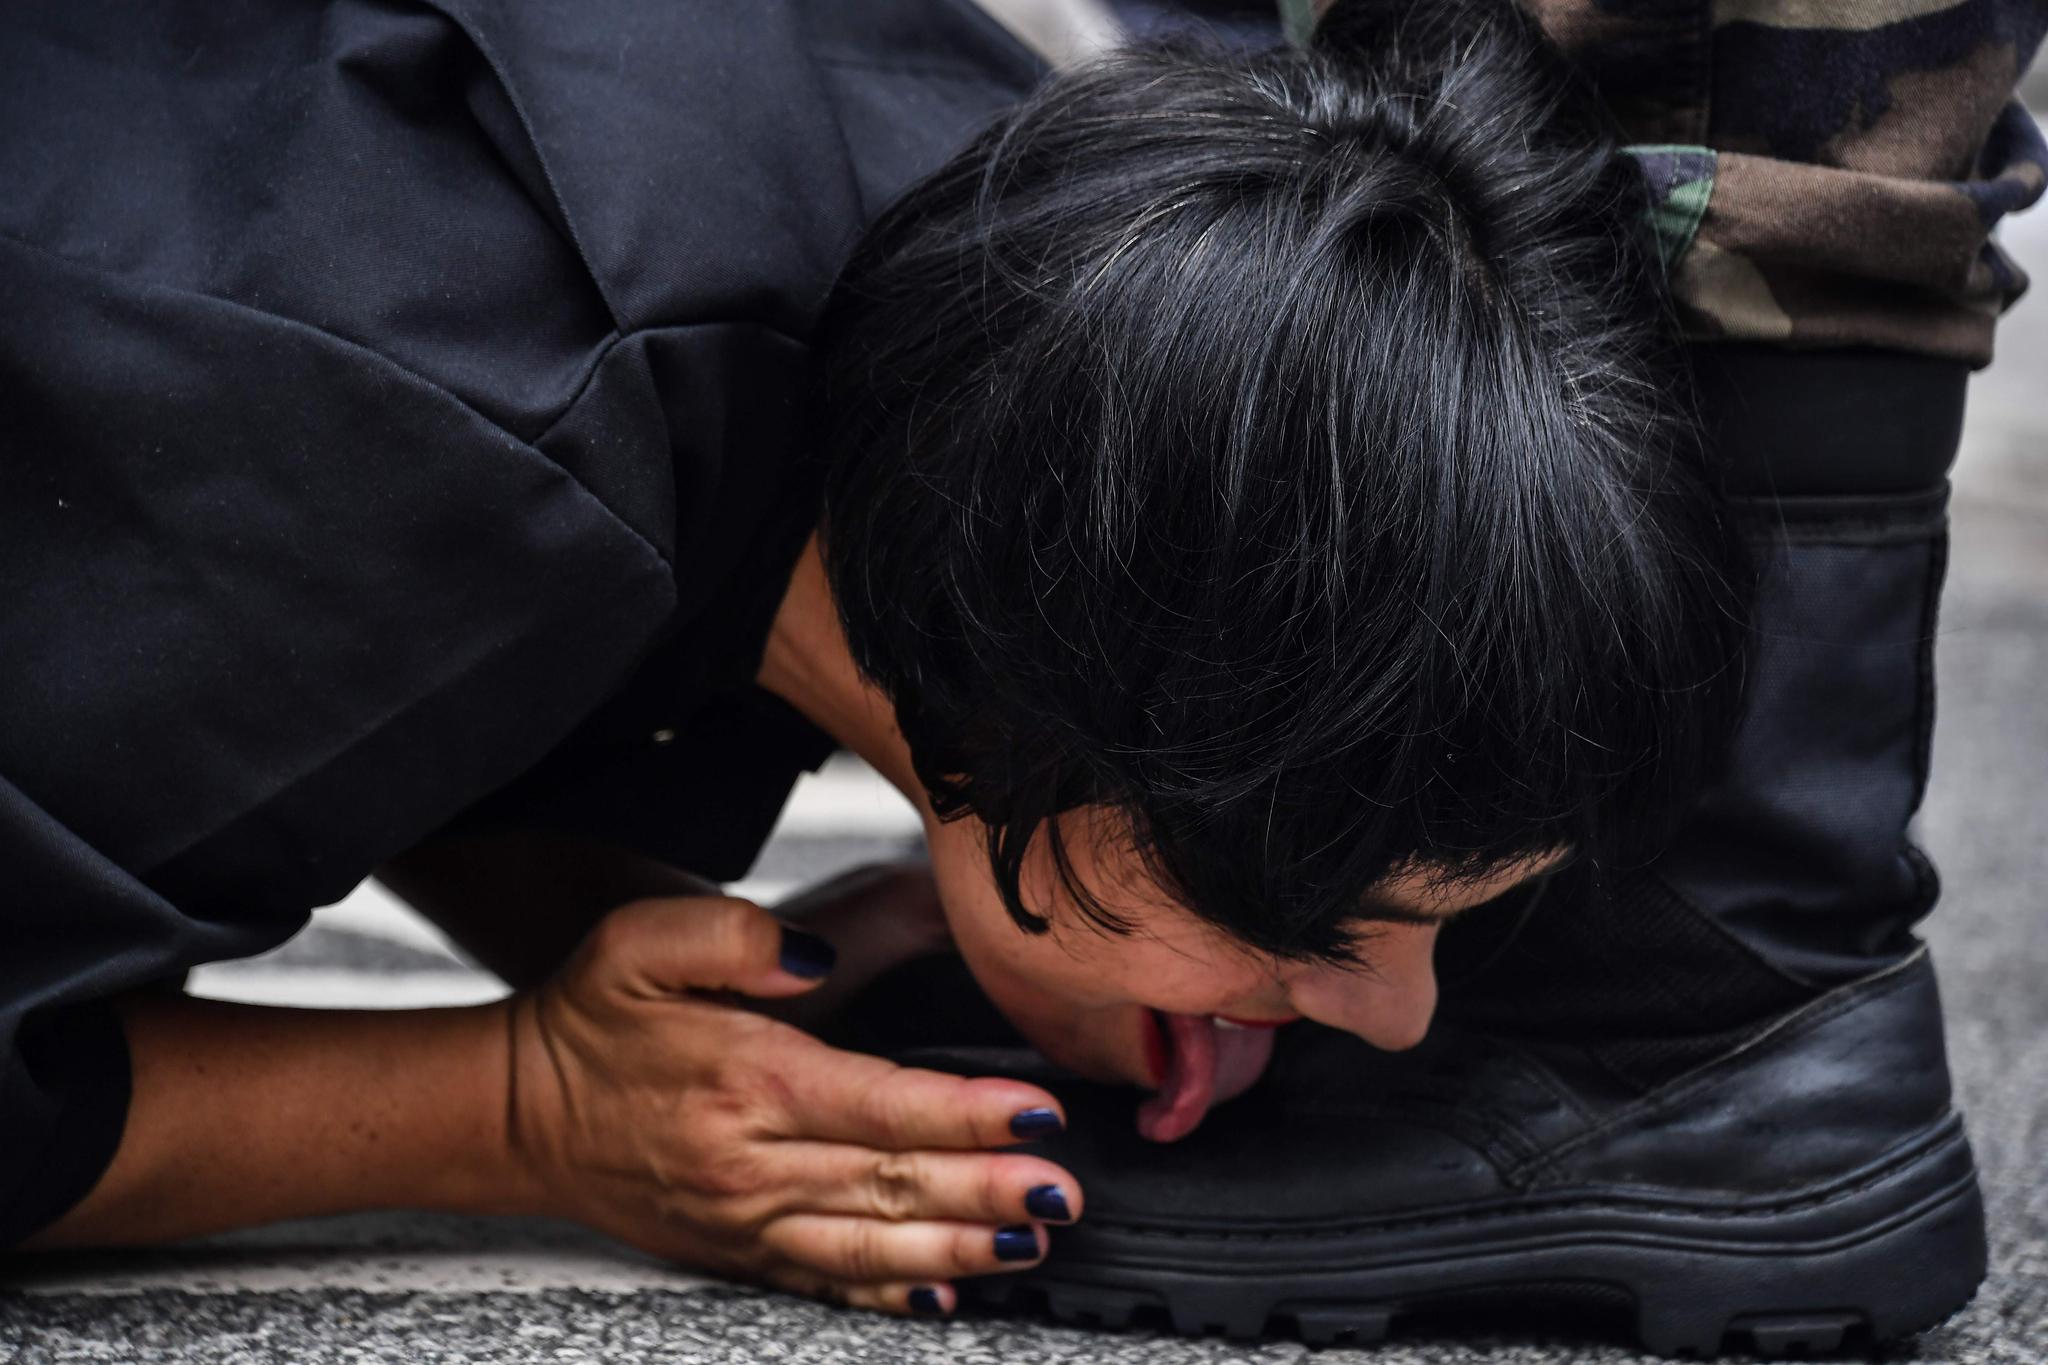 베네수엘라 출신 예술가 데보라 카스티요가 17일(현지시간) 브라질 상파울루 거리에서 베네수엘라 정권을 비판하는 퍼포먼스를 하고 있다. [AFP=연합뉴스]